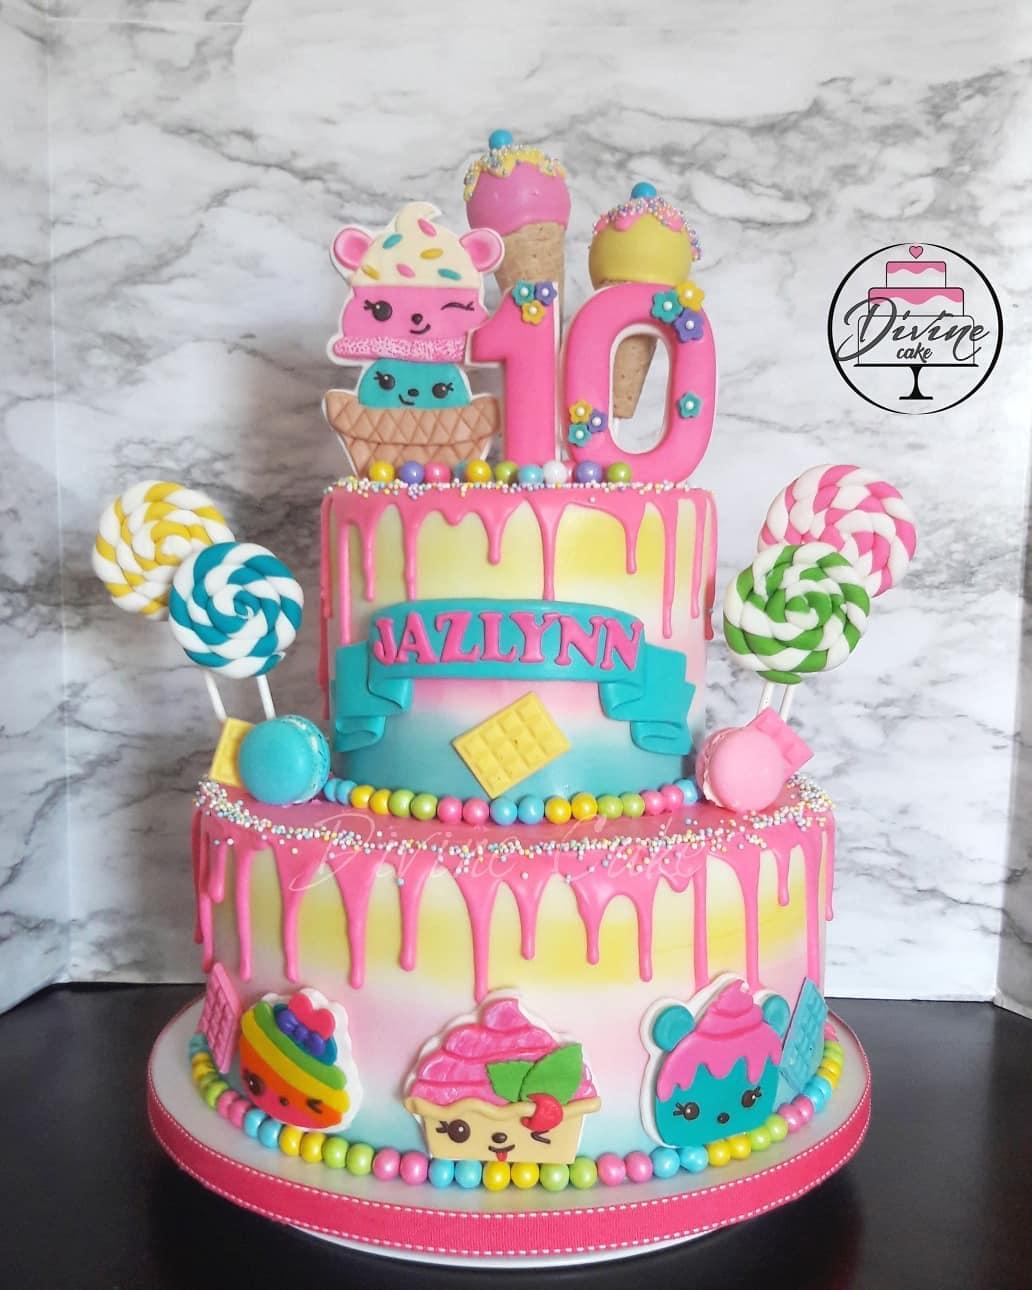 pastel para una fiesta de num noms para niña